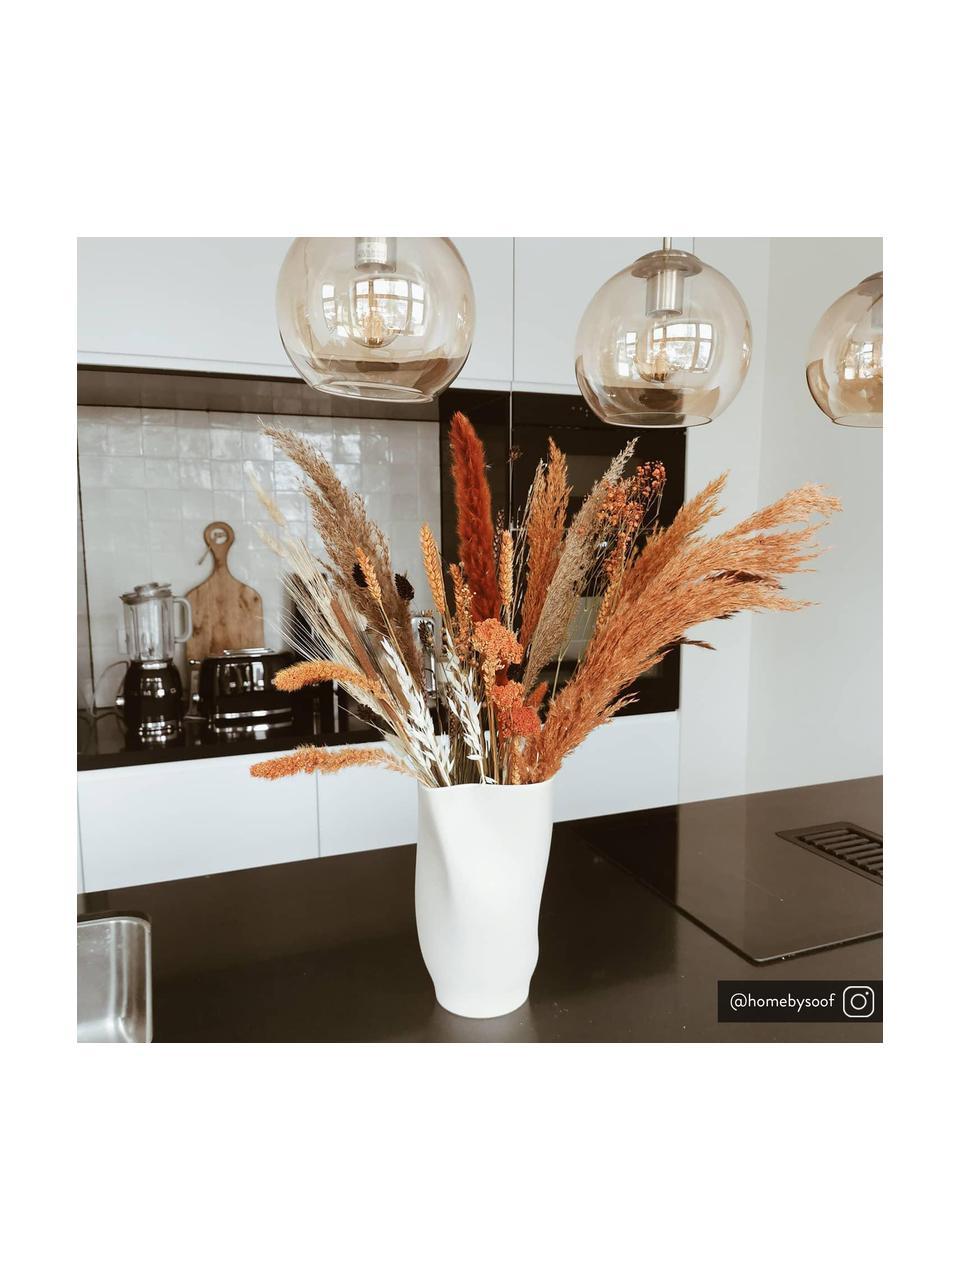 Hanglamp Hamilton in messing, Frame: geborsteld metaal, Baldakijn: geborsteld metaal, Amberkleurig, 81 x 13 cm